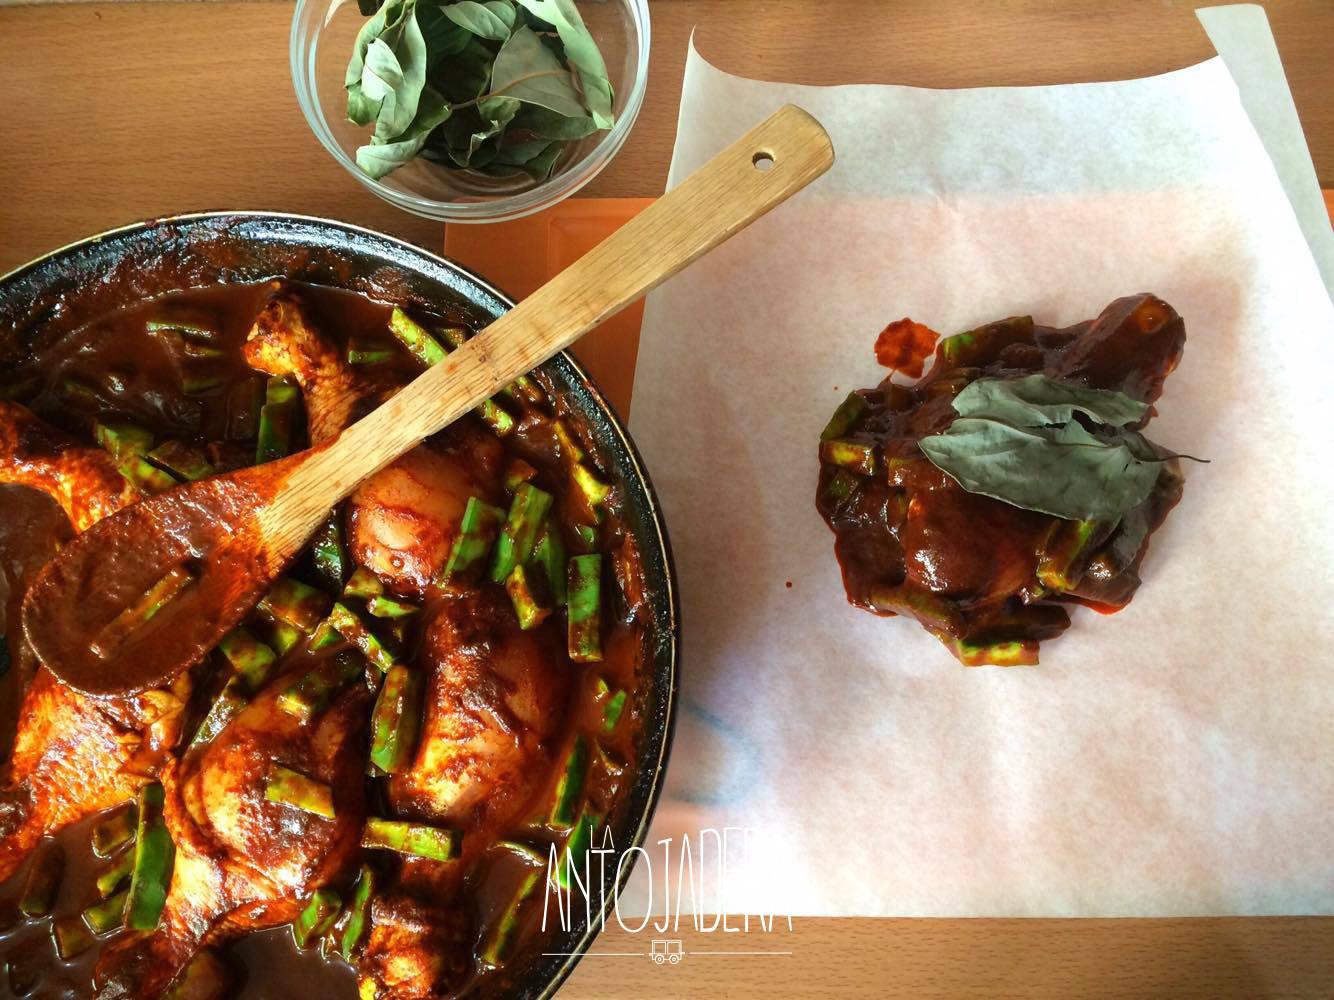 La Antojadera | Mixiotes de Pollo con Nopales